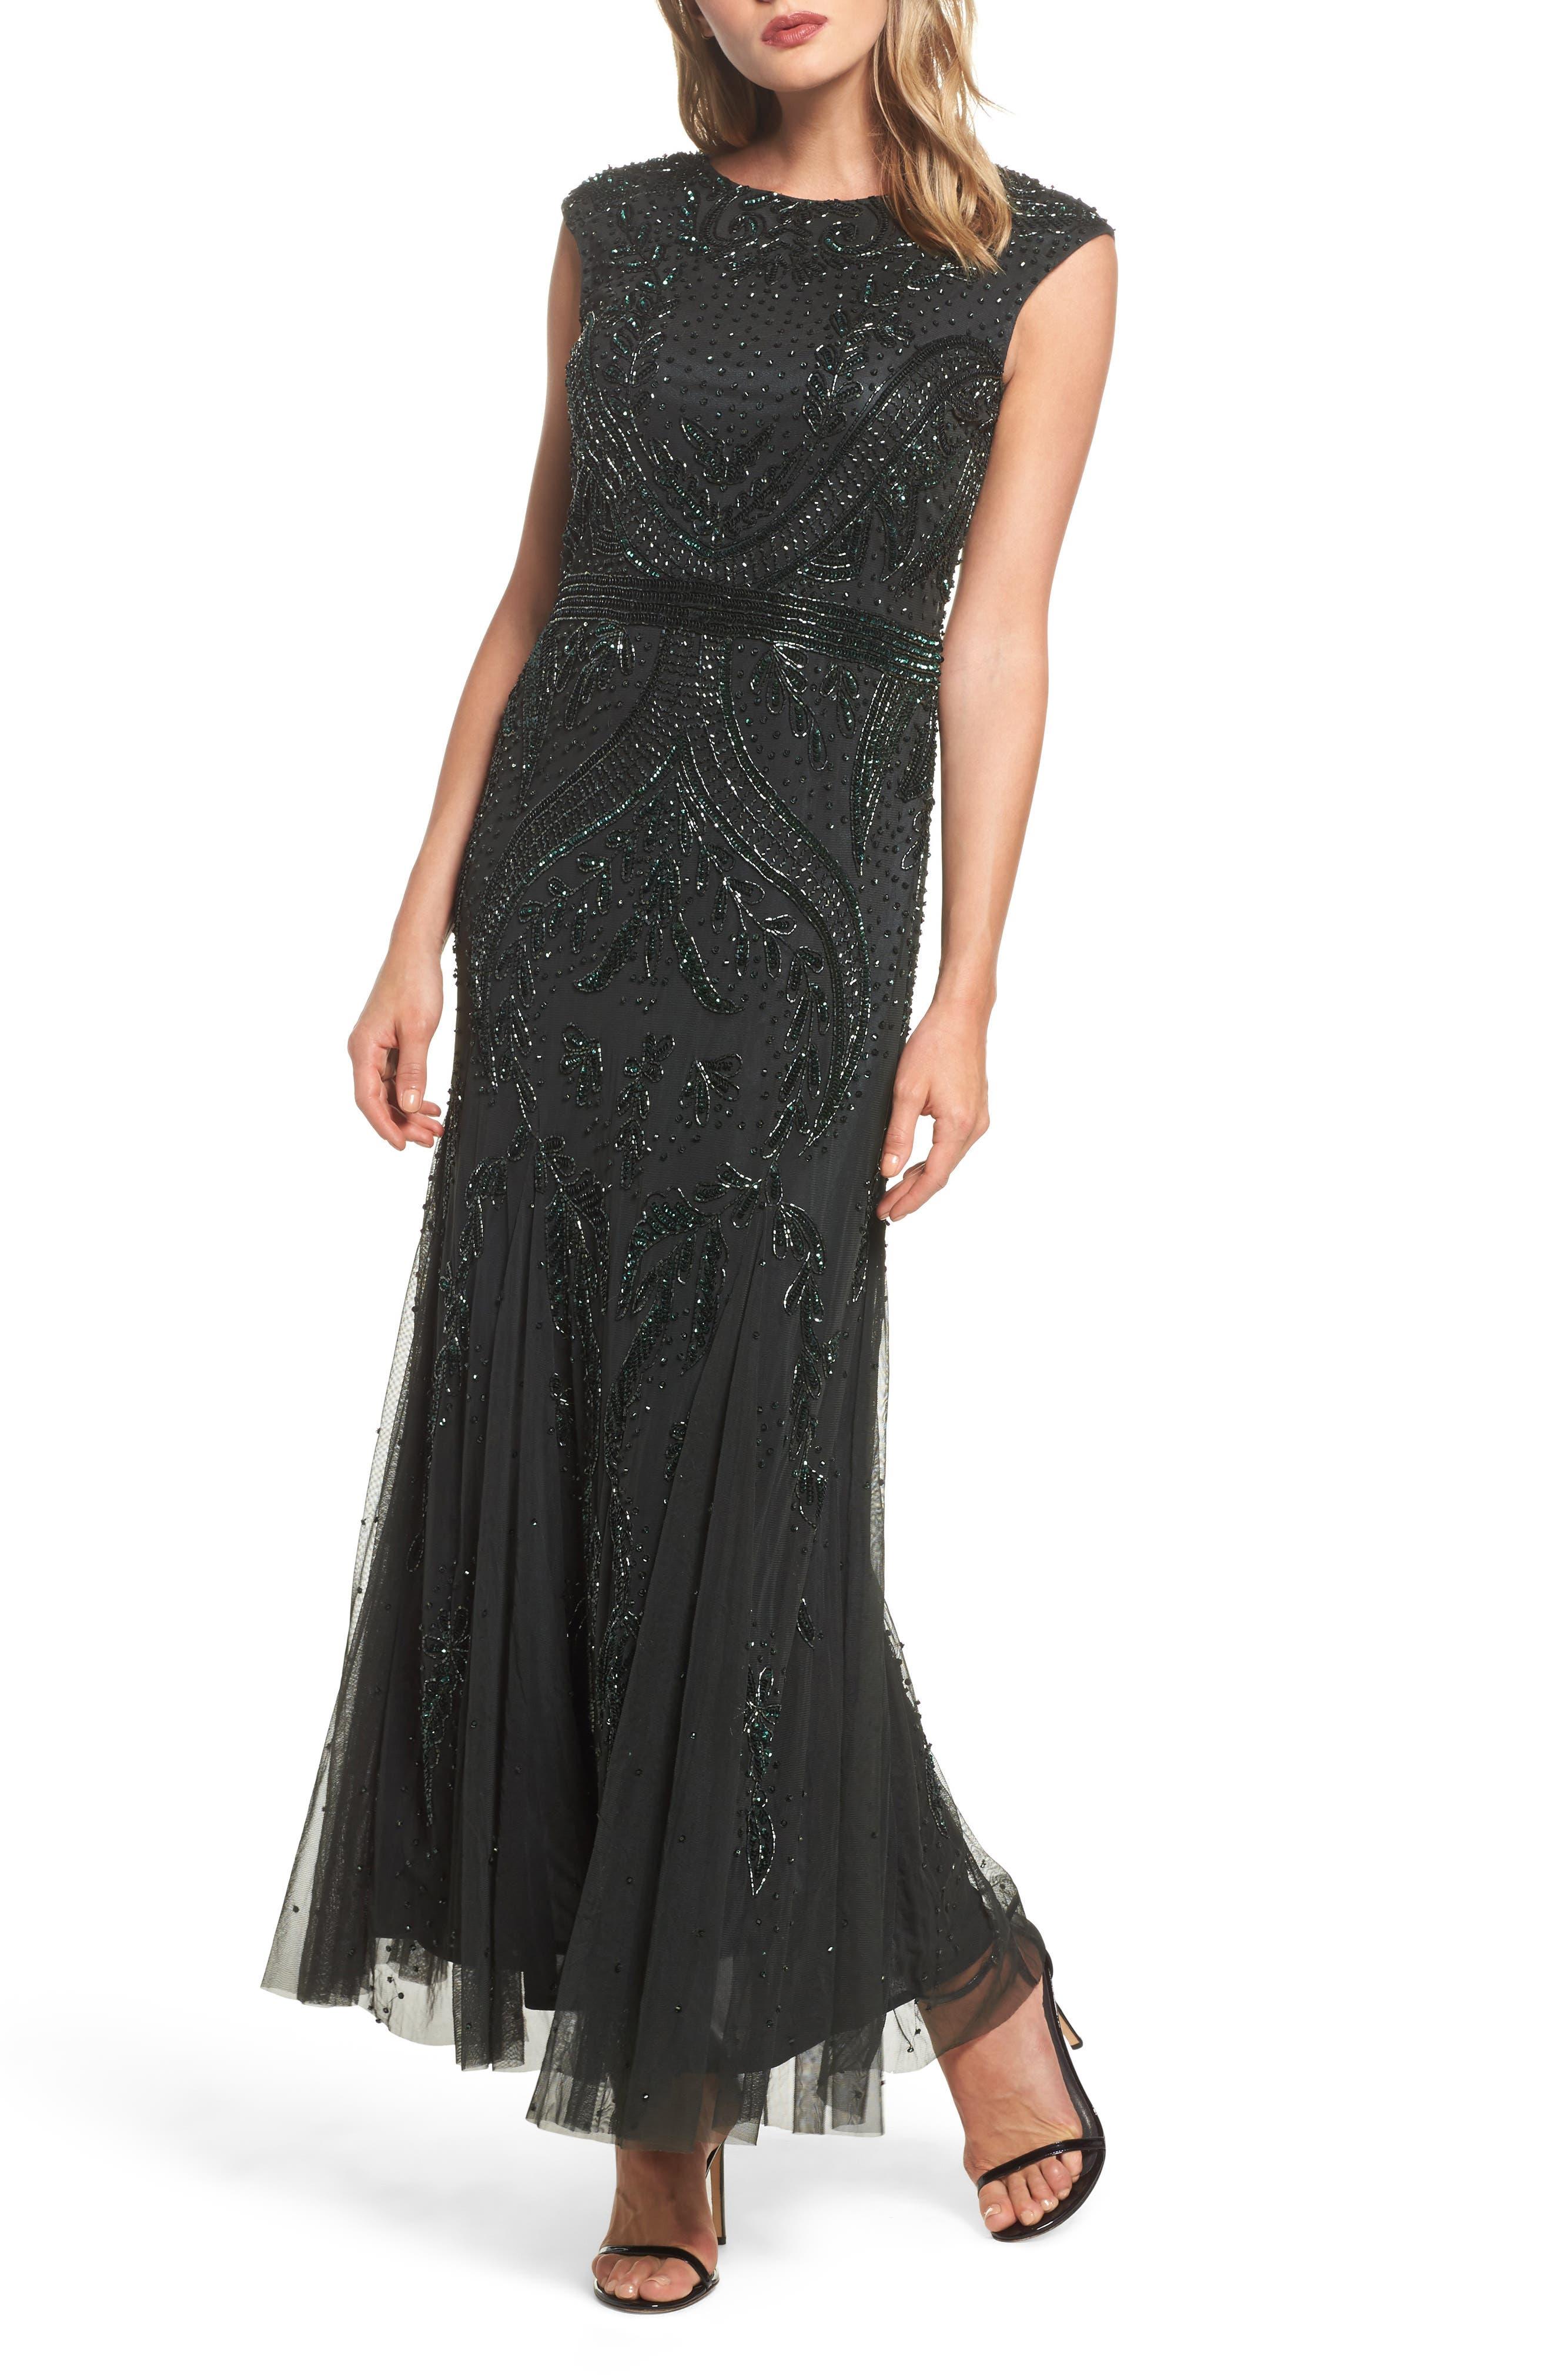 Pisarro Nights Embellished Mesh Godet Gown